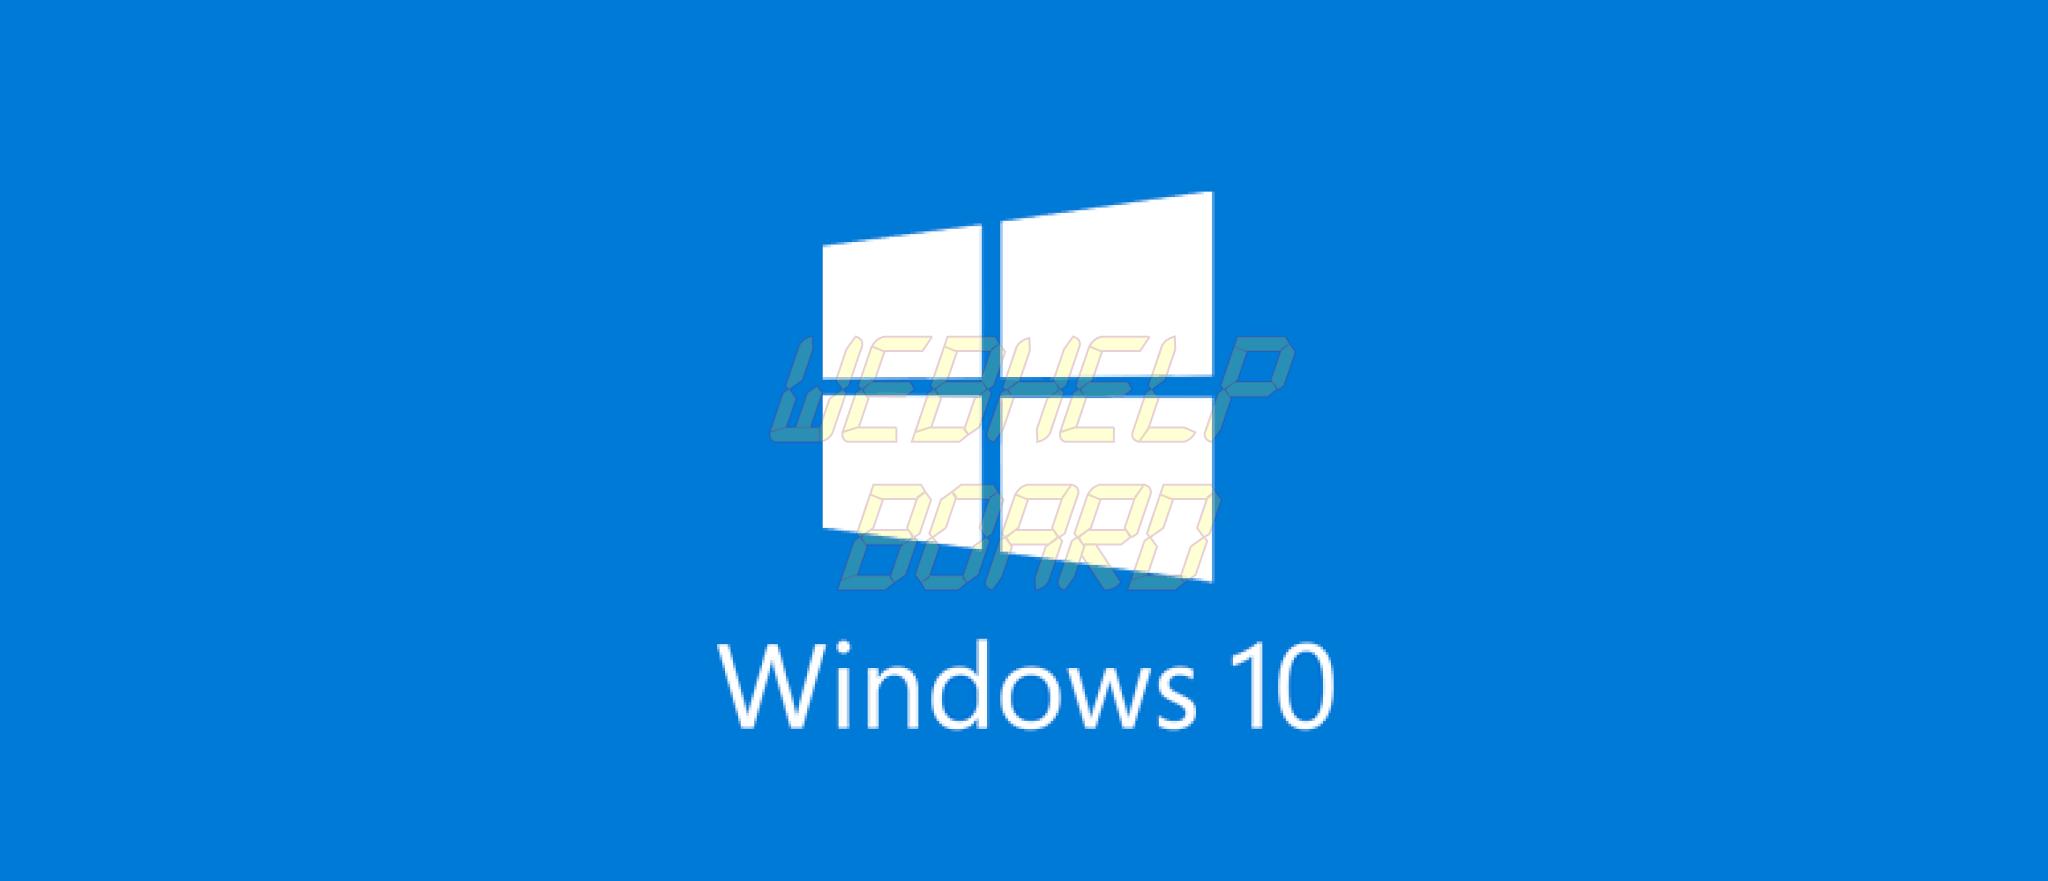 windows 10 logo 1 - Confira soluções para problemas na instalação de atualizações do Windows 10